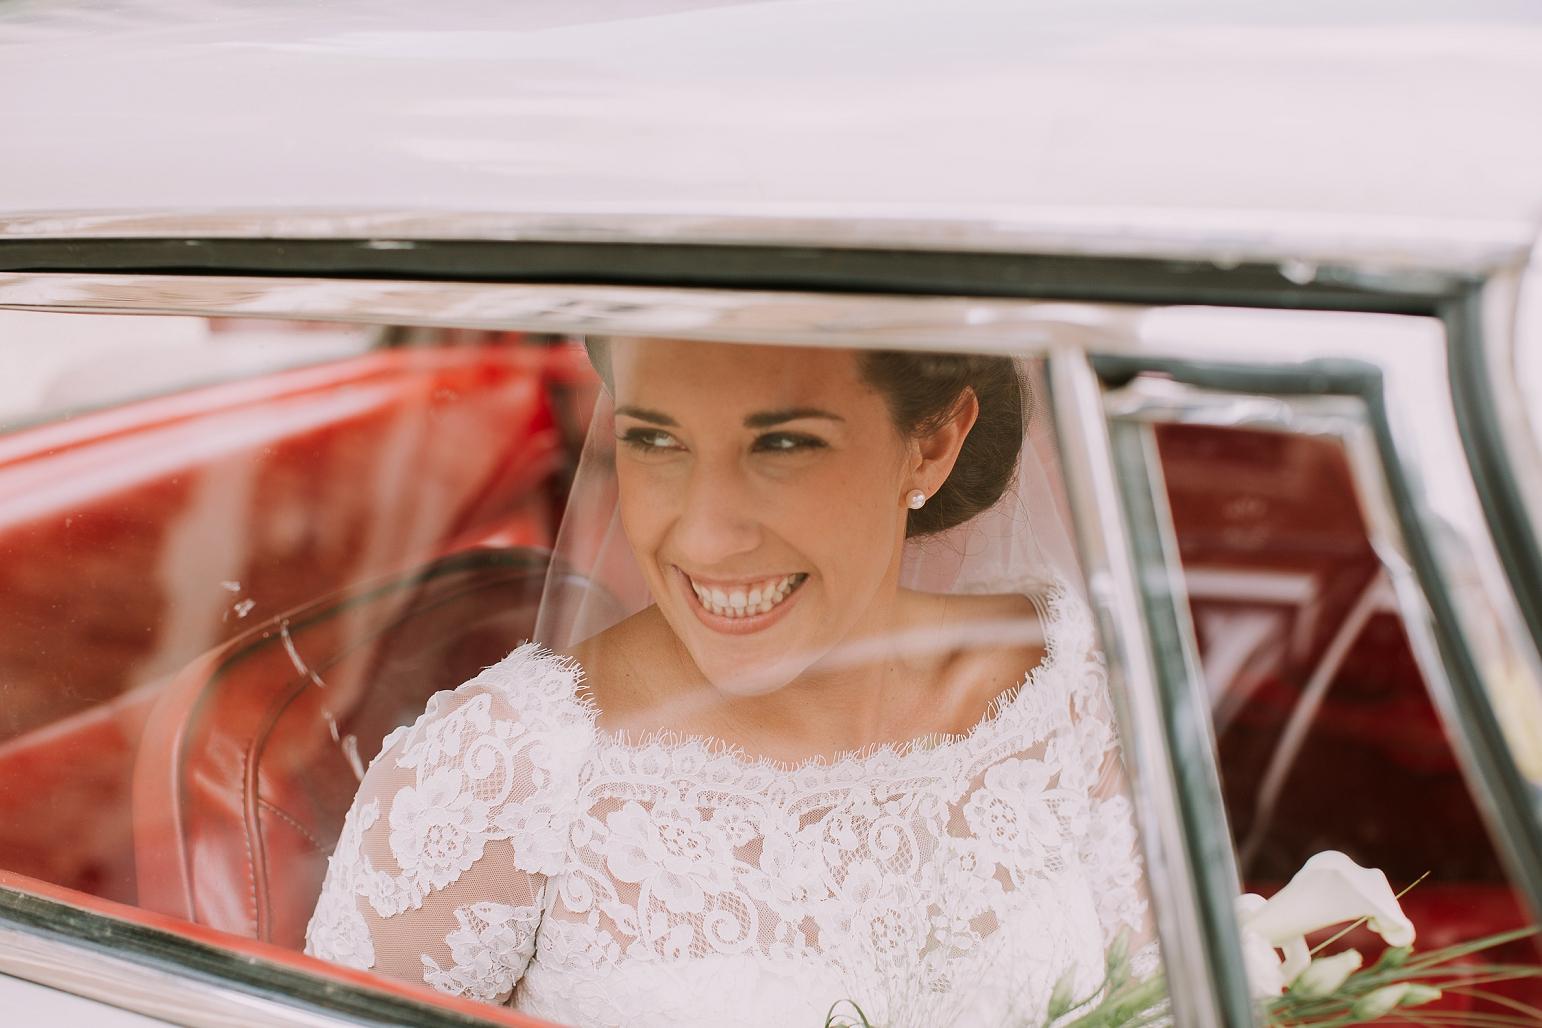 kateryna-photos-mariage-wedding-france-bretagne-pays-de-la-loire-chateau-de-la-colaissiere-st-sauveur-de-landemont_0036.jpg